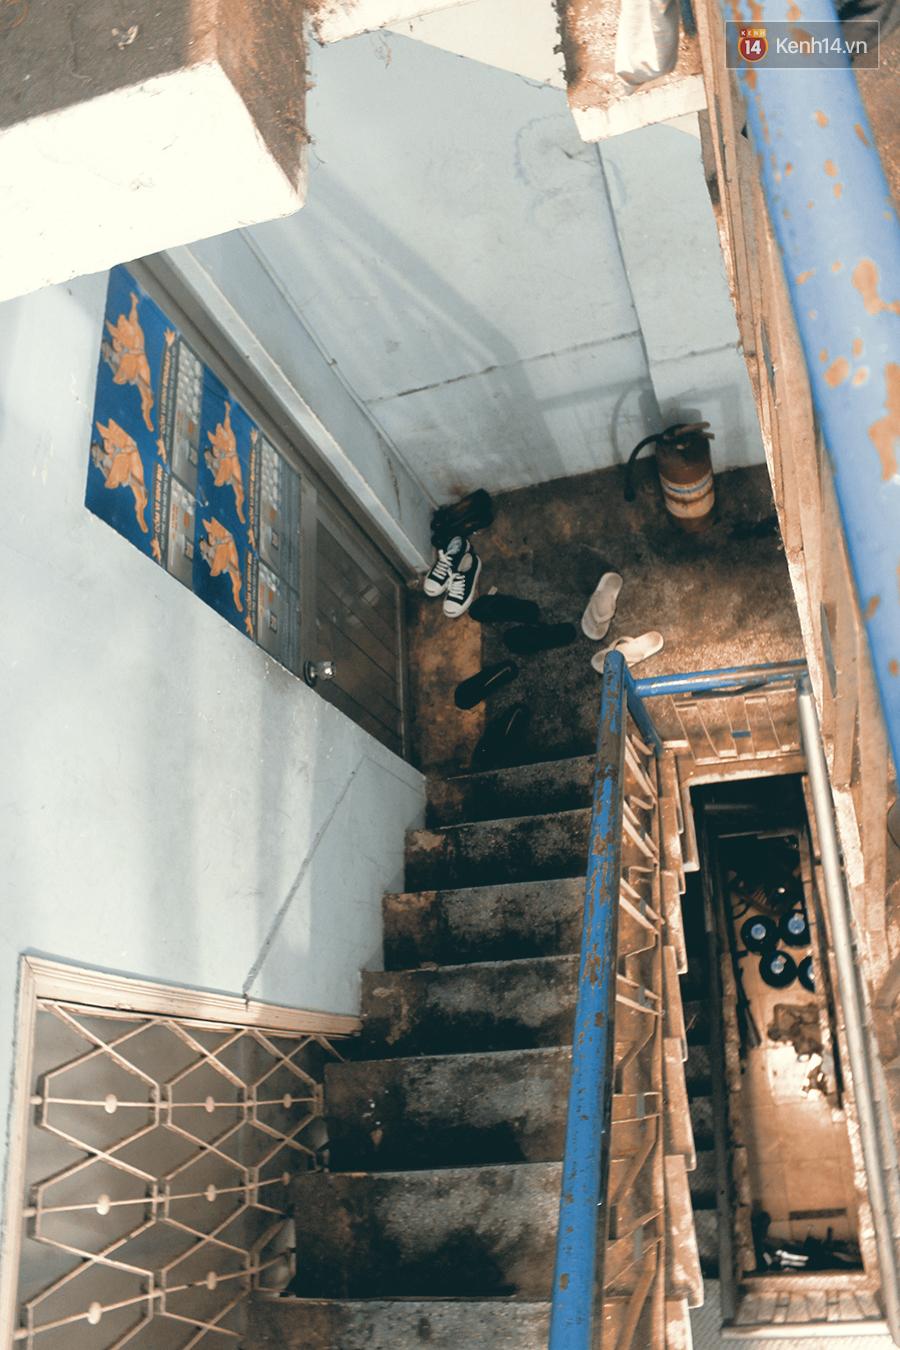 Sài Gòn nóng như đổ lửa, phòng trọ sinh viên biến thành lò luyện đơn - Ảnh 1.